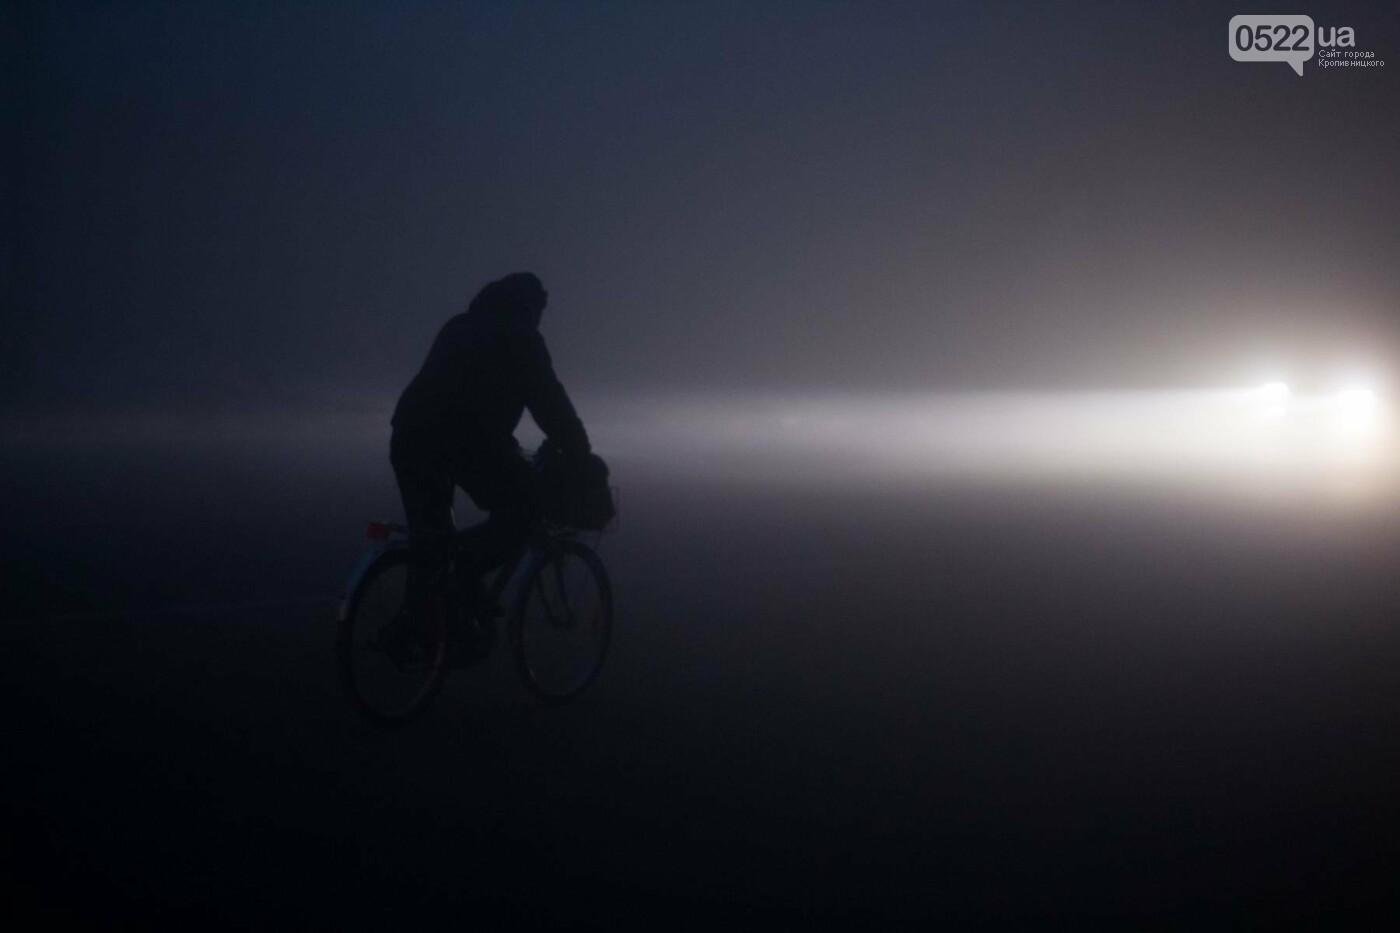 Зранку Кропивницький оповив густий туман. Фото, фото-1